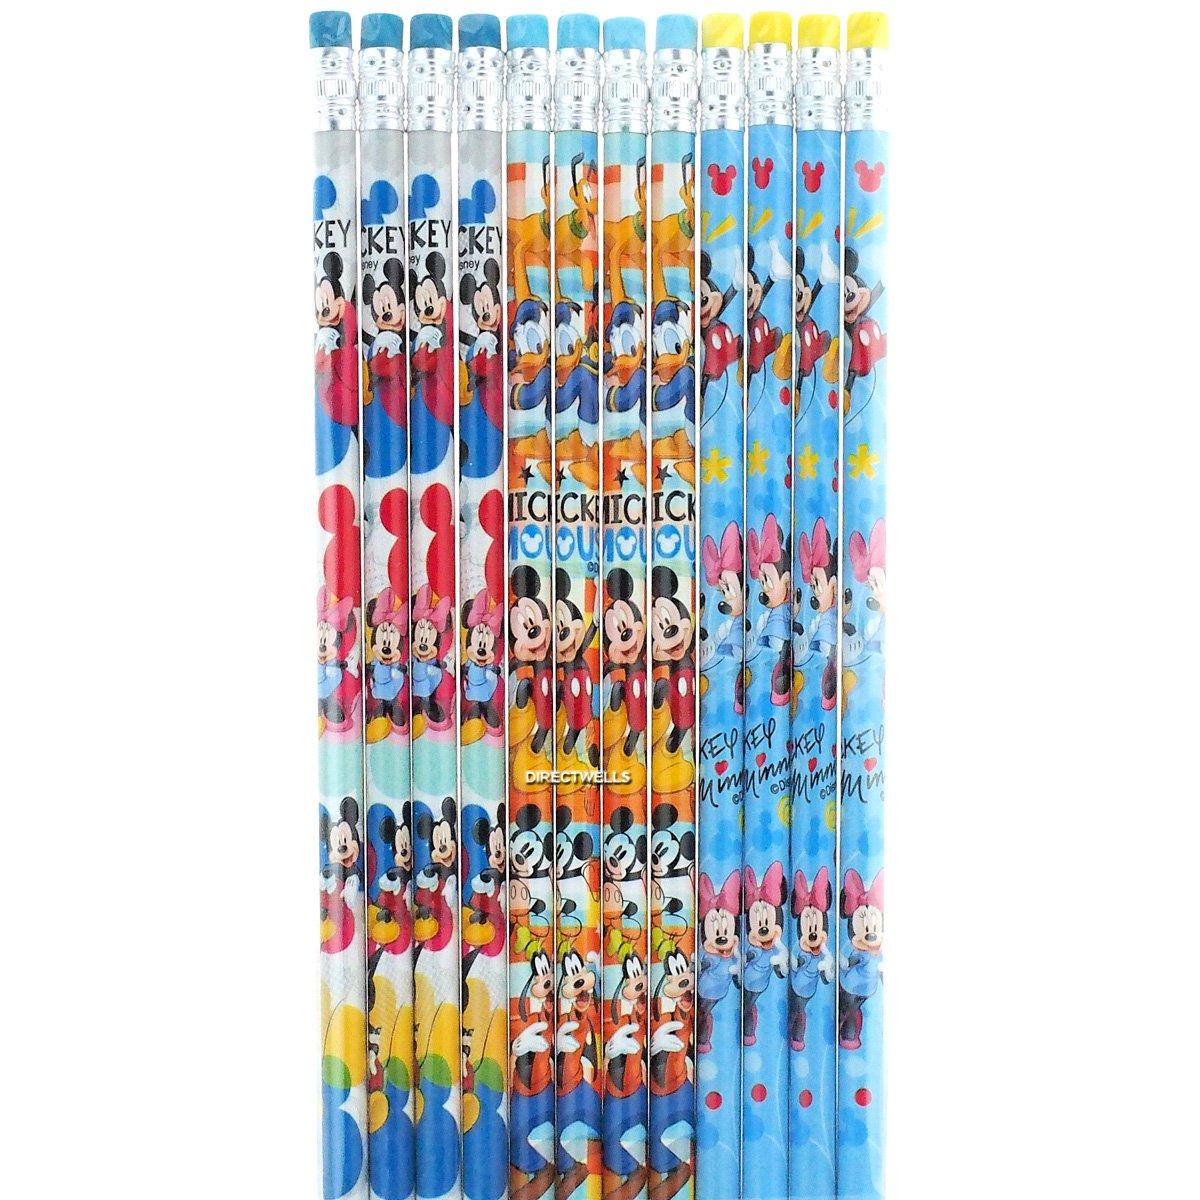 Disney Mickey Mouse and and and Friends 12 Wood Pencils Pack | Fashionable  | Molte varietà  | Alta qualità ed economia  | Di Alta Qualità  | Vinci molto apprezzato  | caratteristica  | Intelligente e pratico  | Varietà Grande  | Bella arte  | Aspetto At 642178